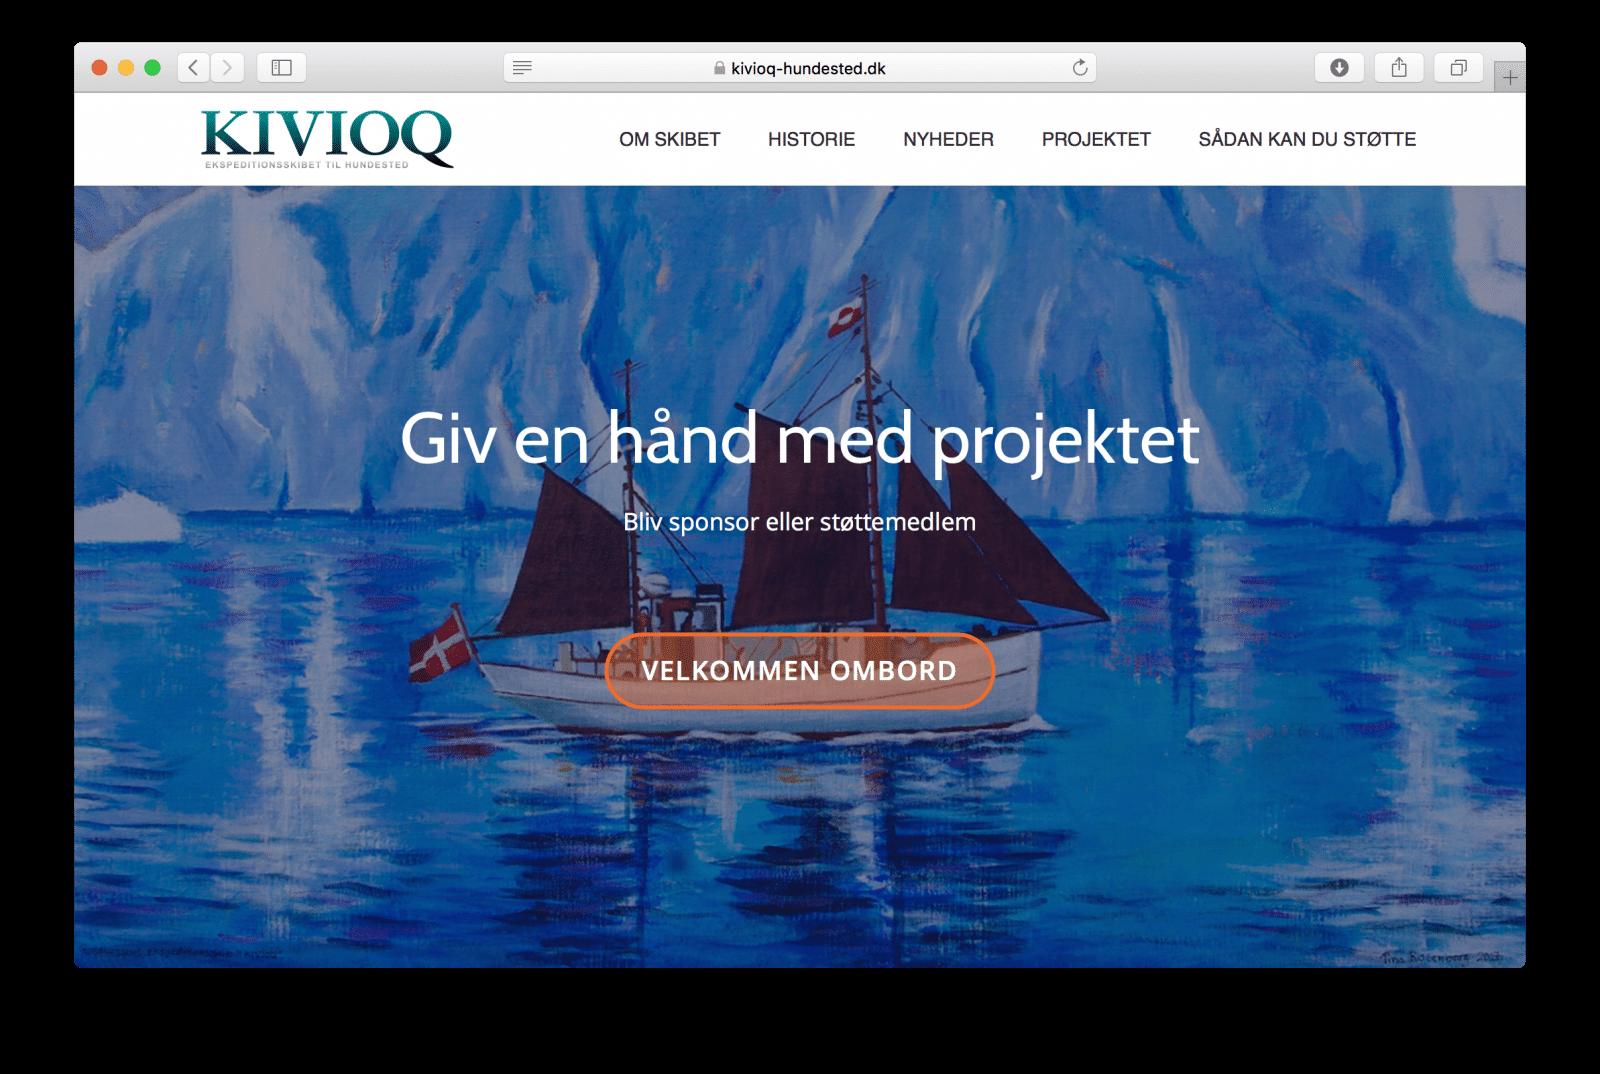 KIVIOQ-projektets nye hjemmeside åbnet for offentligheden 21. oktober 2017